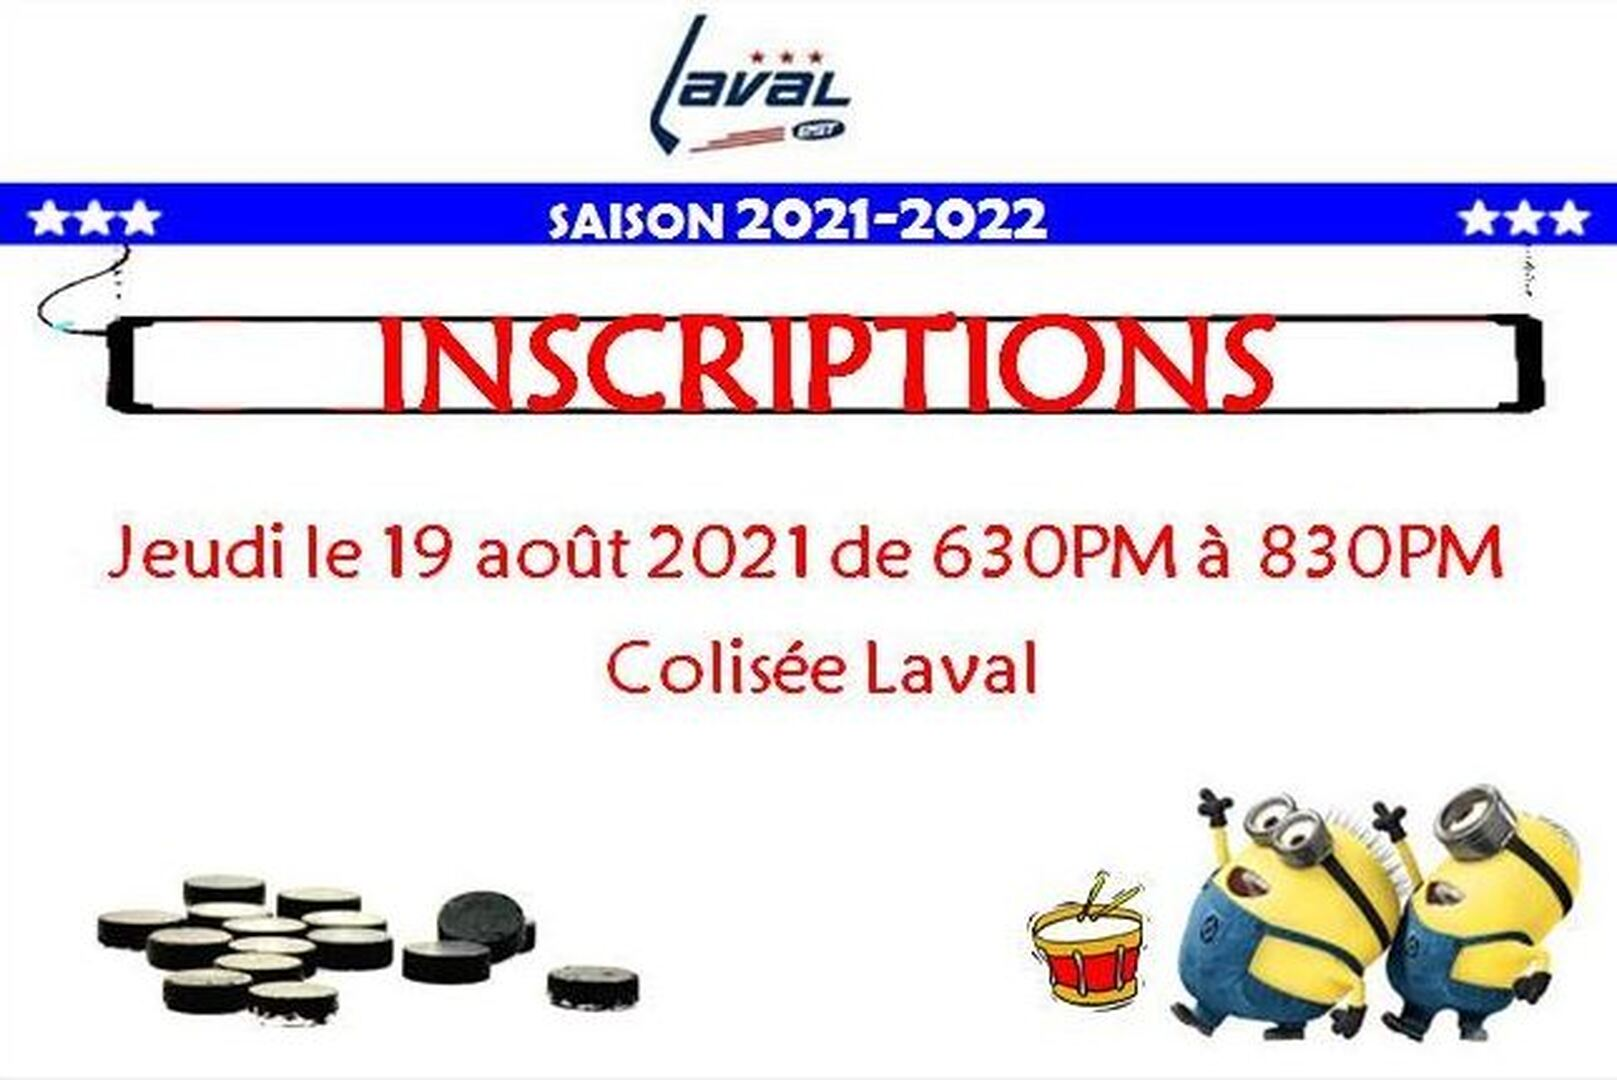 2021-2022 Inscription :  Jeudi le 19 ao?t 2021, Colisée Laval